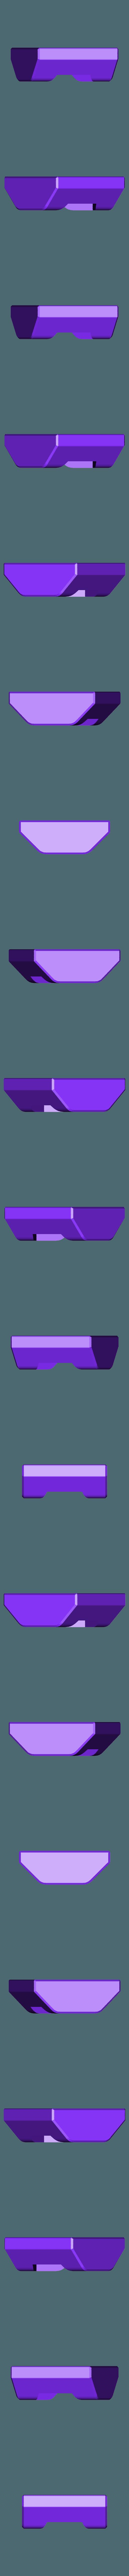 2020 nutholder M4.stl Télécharger fichier STL gratuit Profil du titulaire d'une noix M4 pour 2020 • Design pour impression 3D, stevenduyck1980